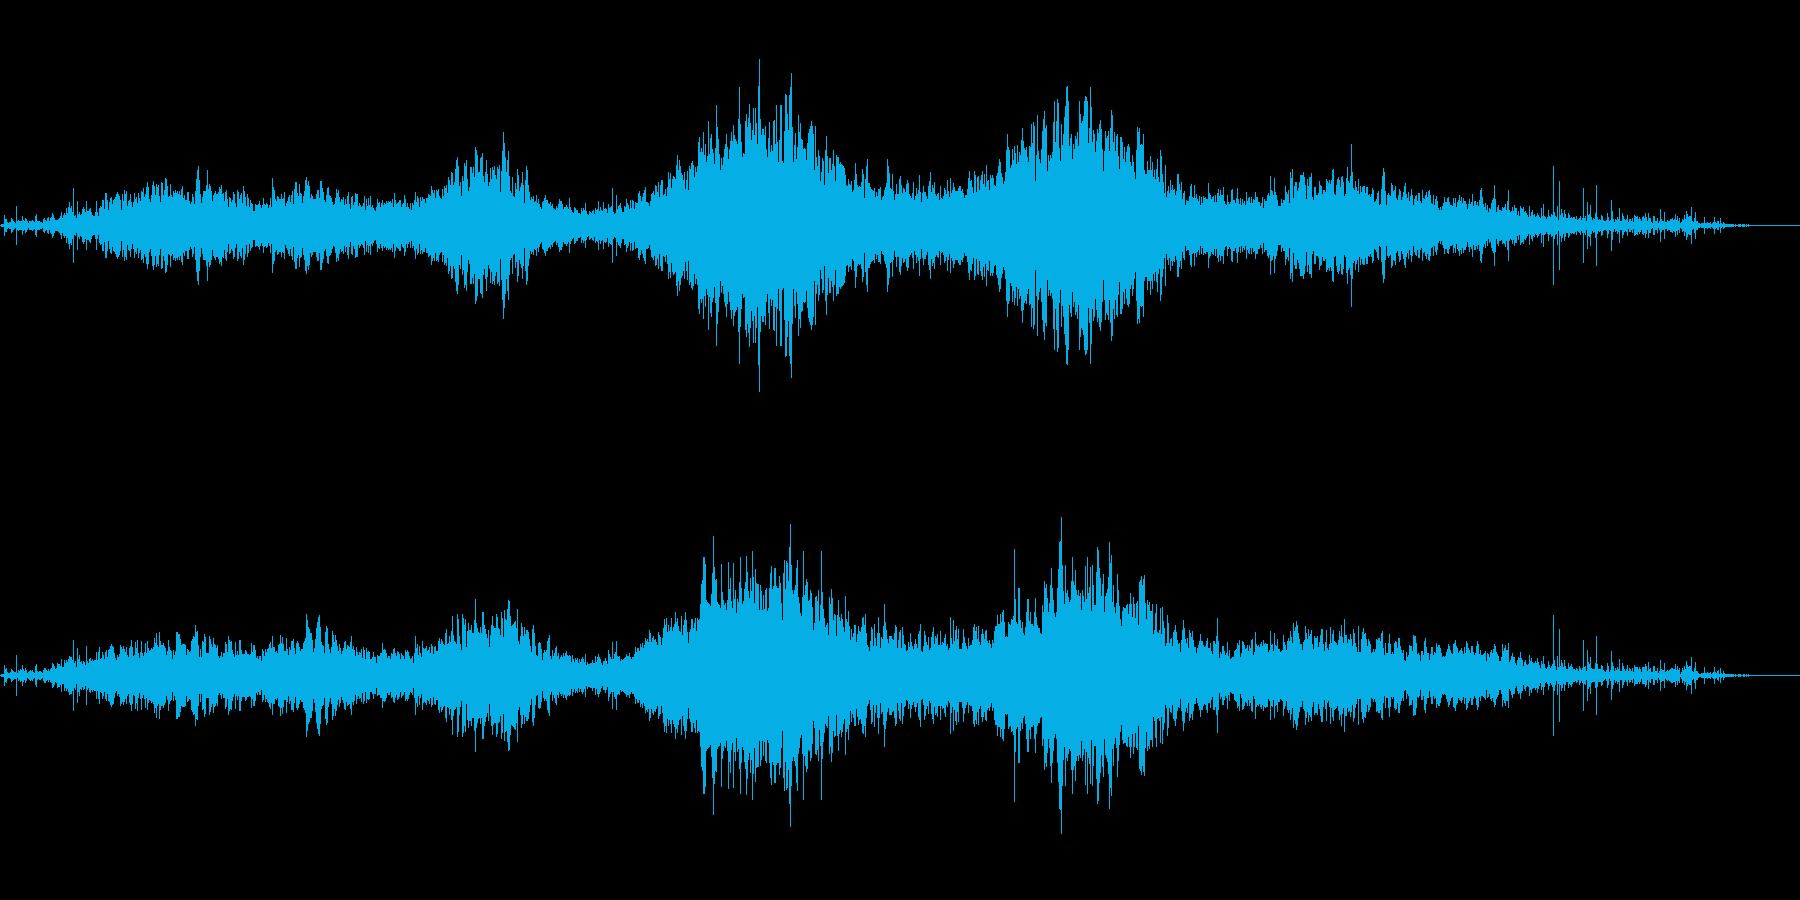 氷結を彷彿とさせる透明で神秘的な音風景の再生済みの波形